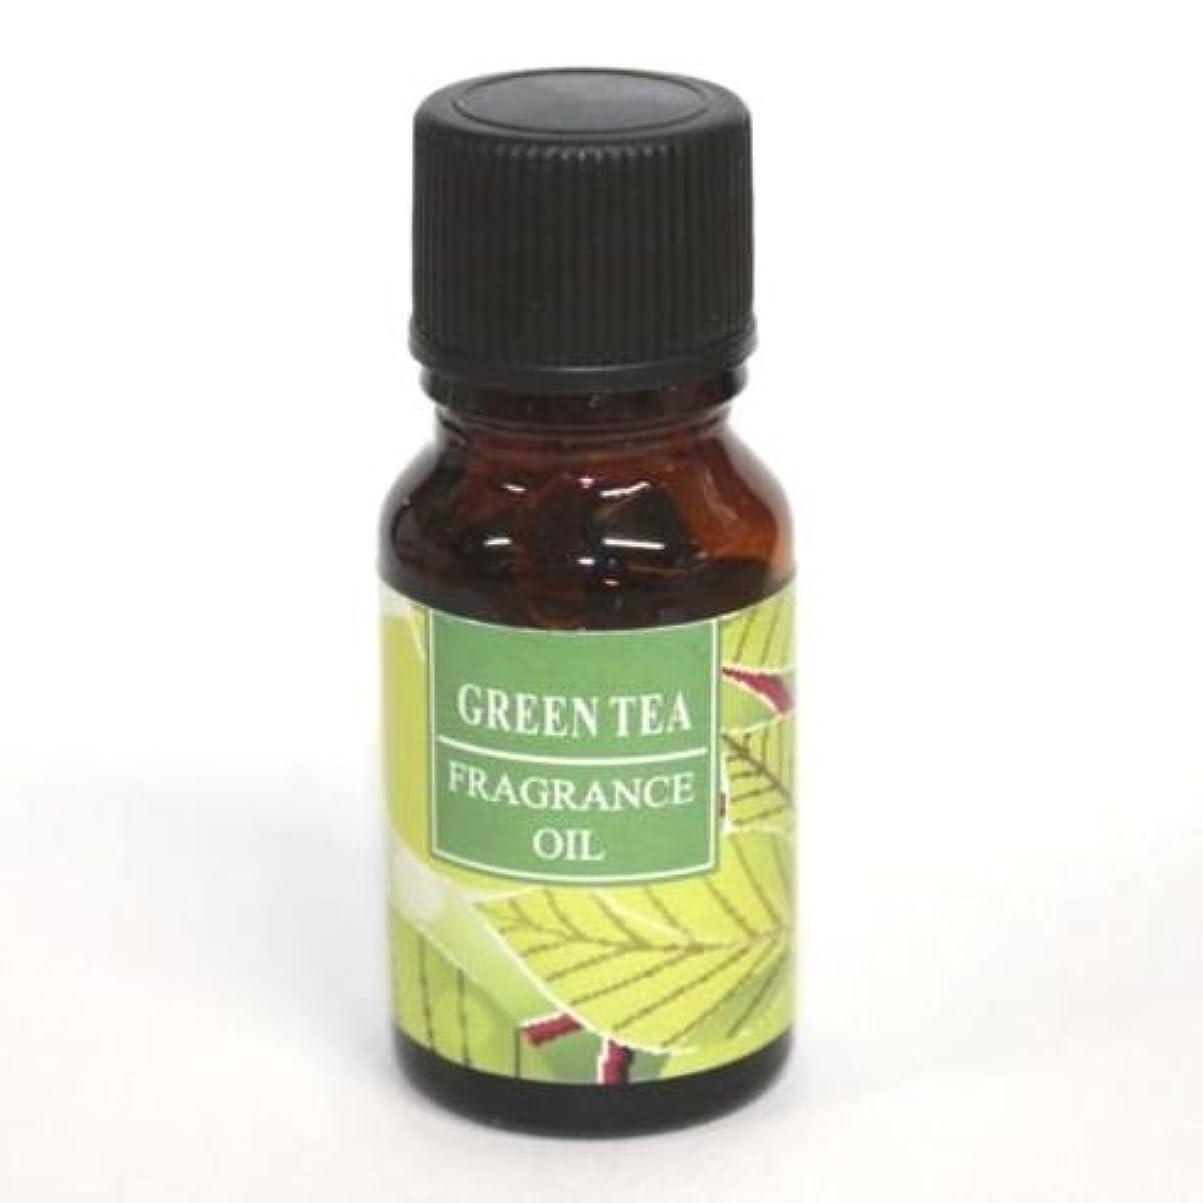 口ひげクロニクル識字RELAXING アロマオイル AROMA OIL フレグランスオイル GREEN TEA 緑茶の香り RQ-09